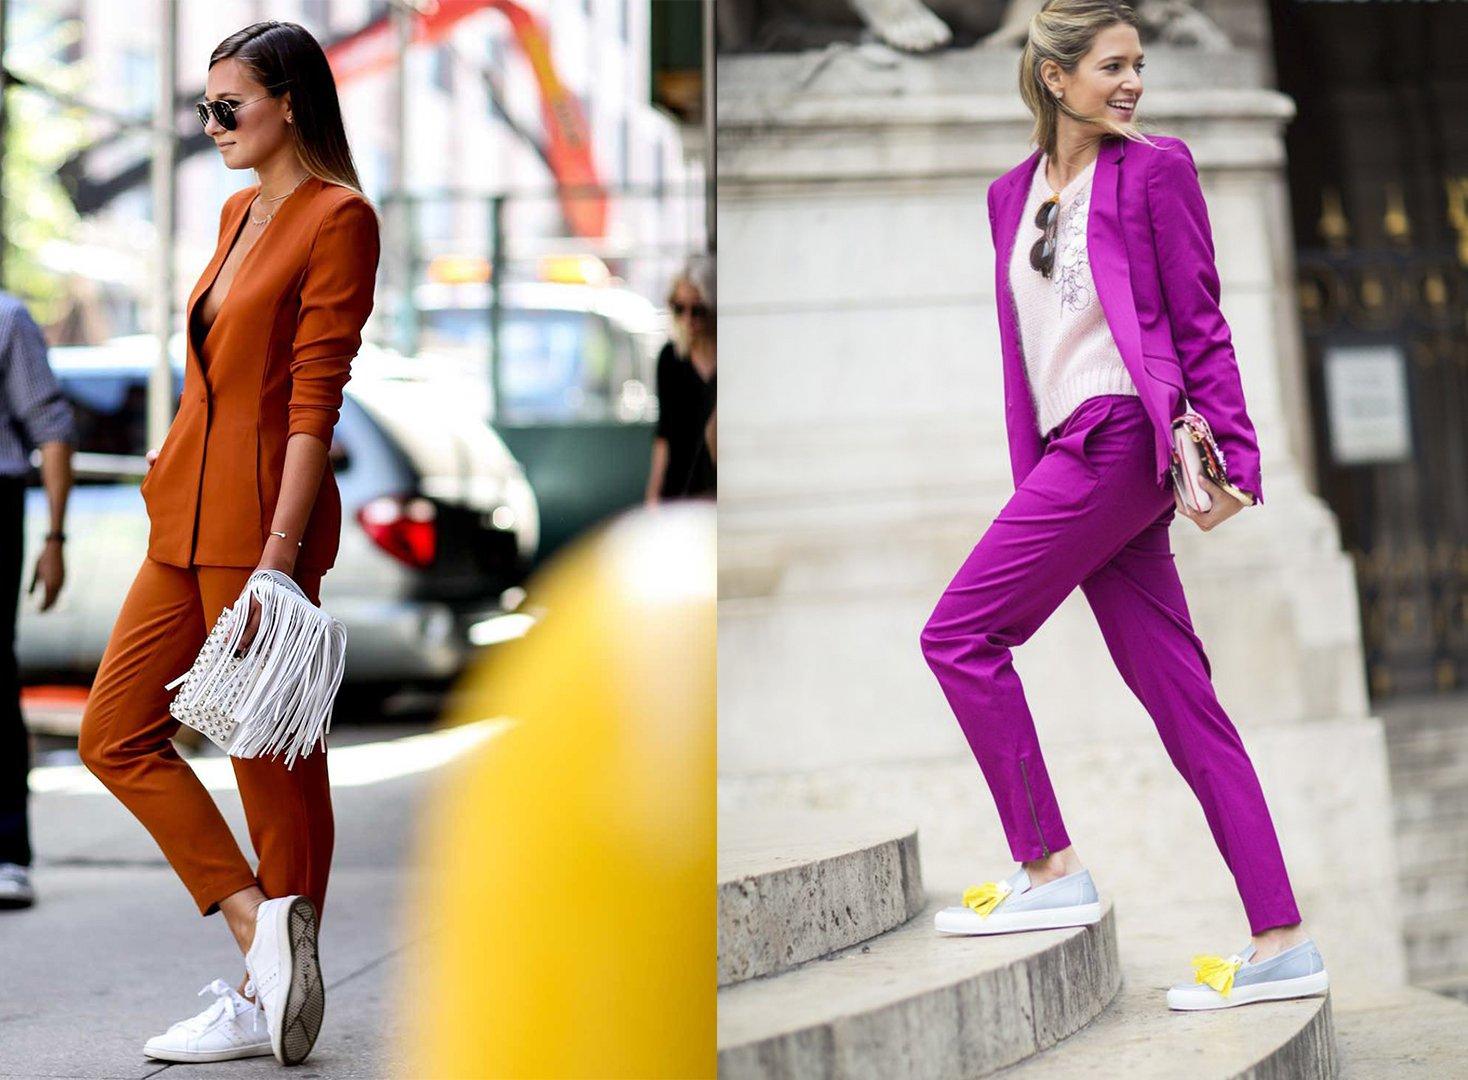 Chica usando un traje color fucsia y la otra un traje naranja